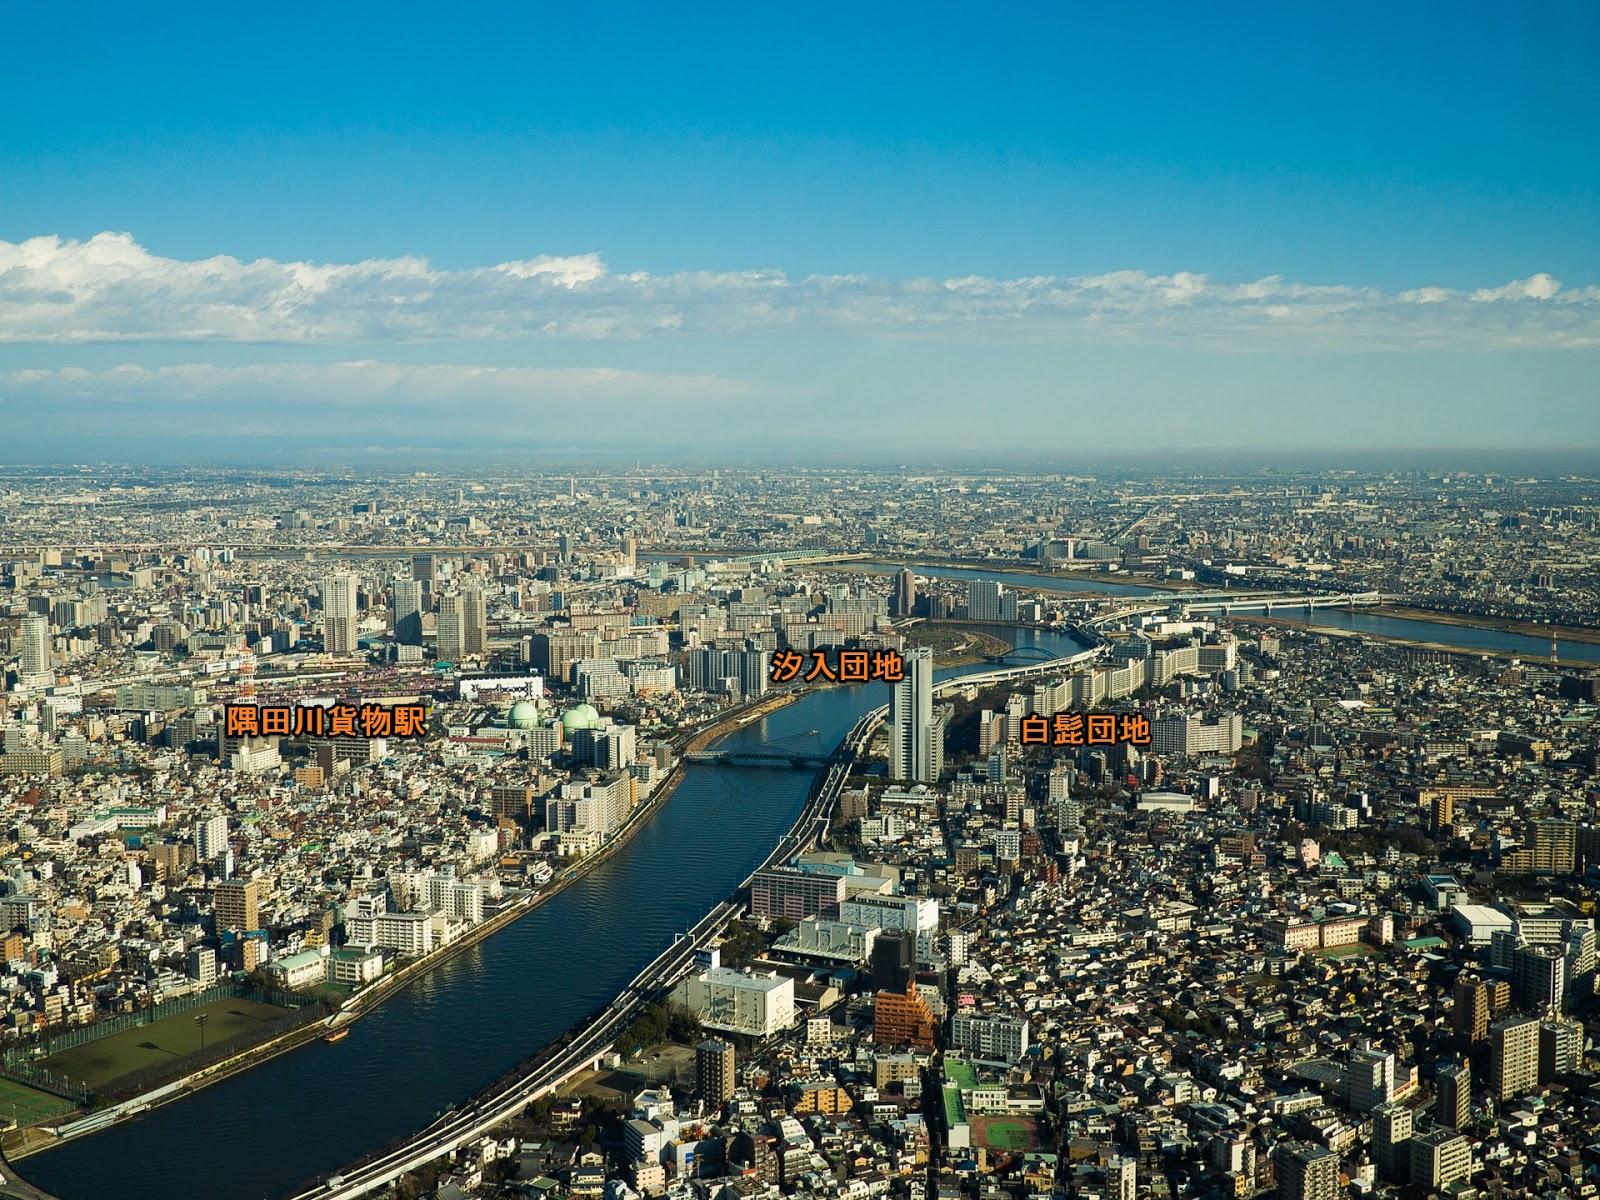 東京スカイツリー展望デッキから、北方面(北千住方向)の風景